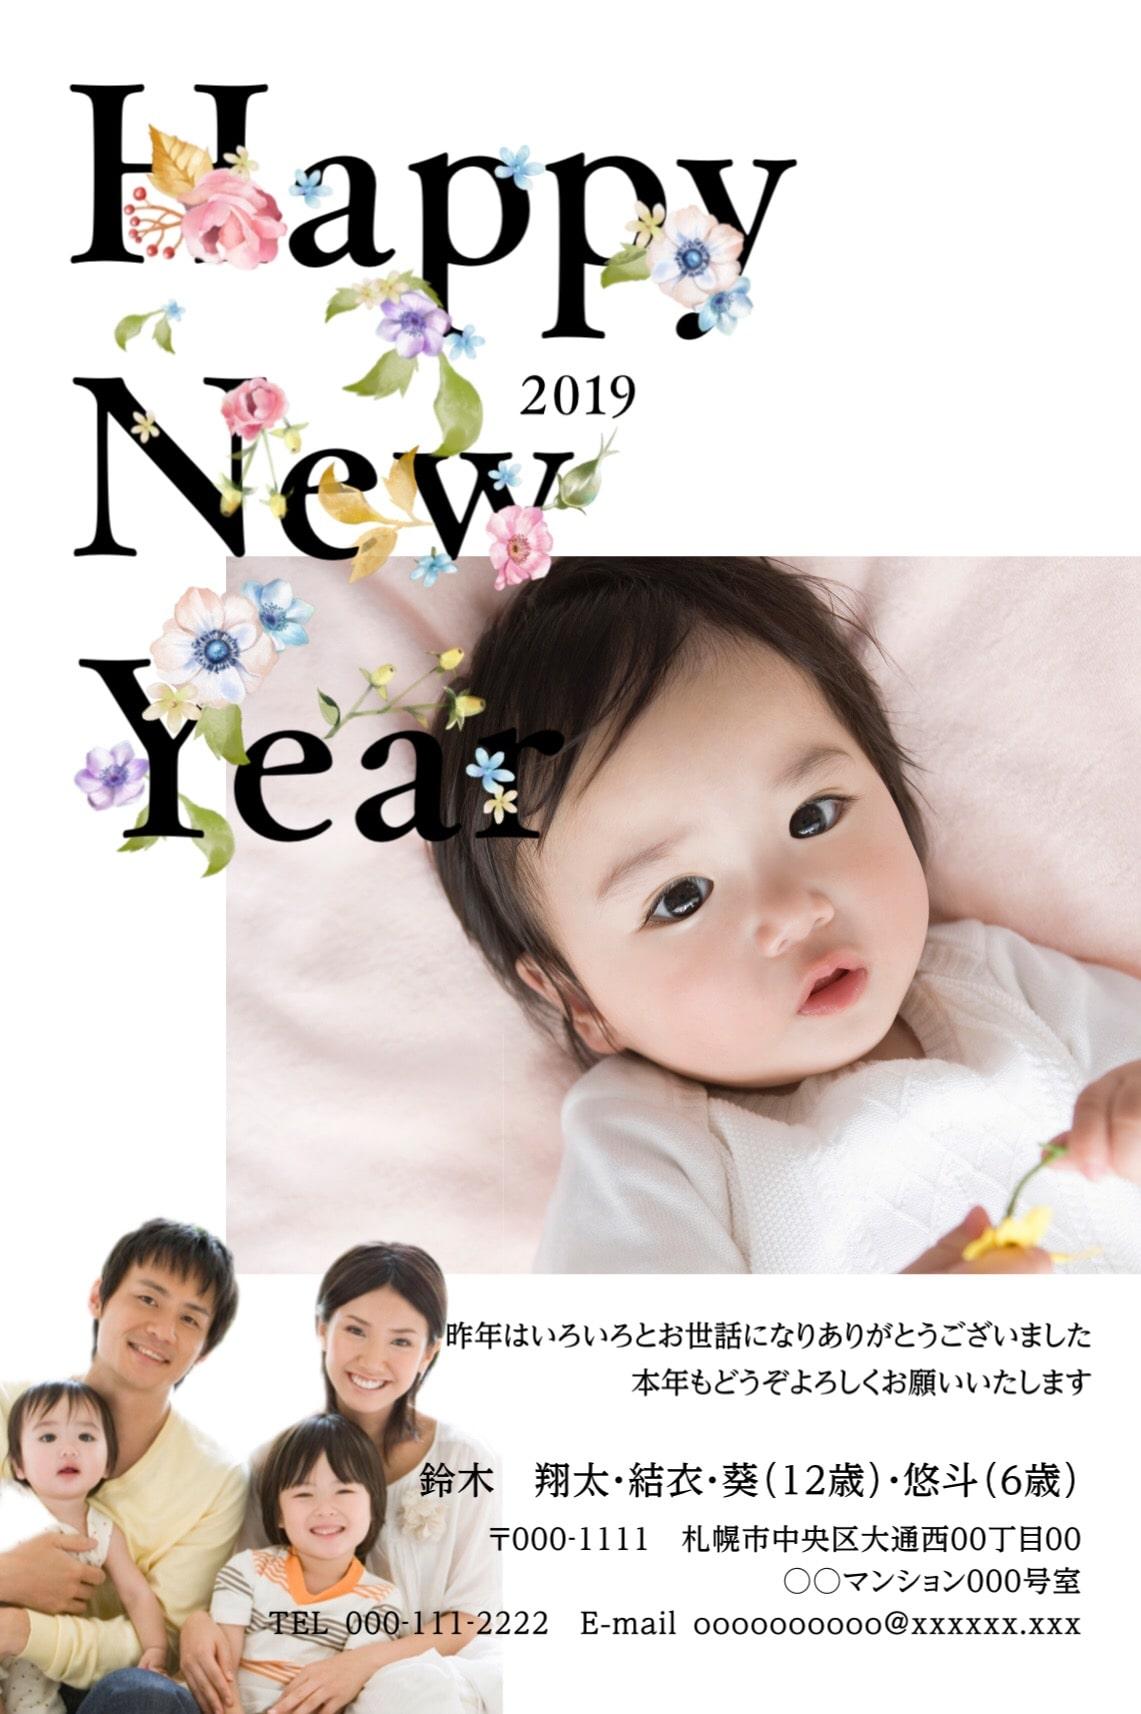 自宅で印刷用に作成した年賀状をダウンロード可能